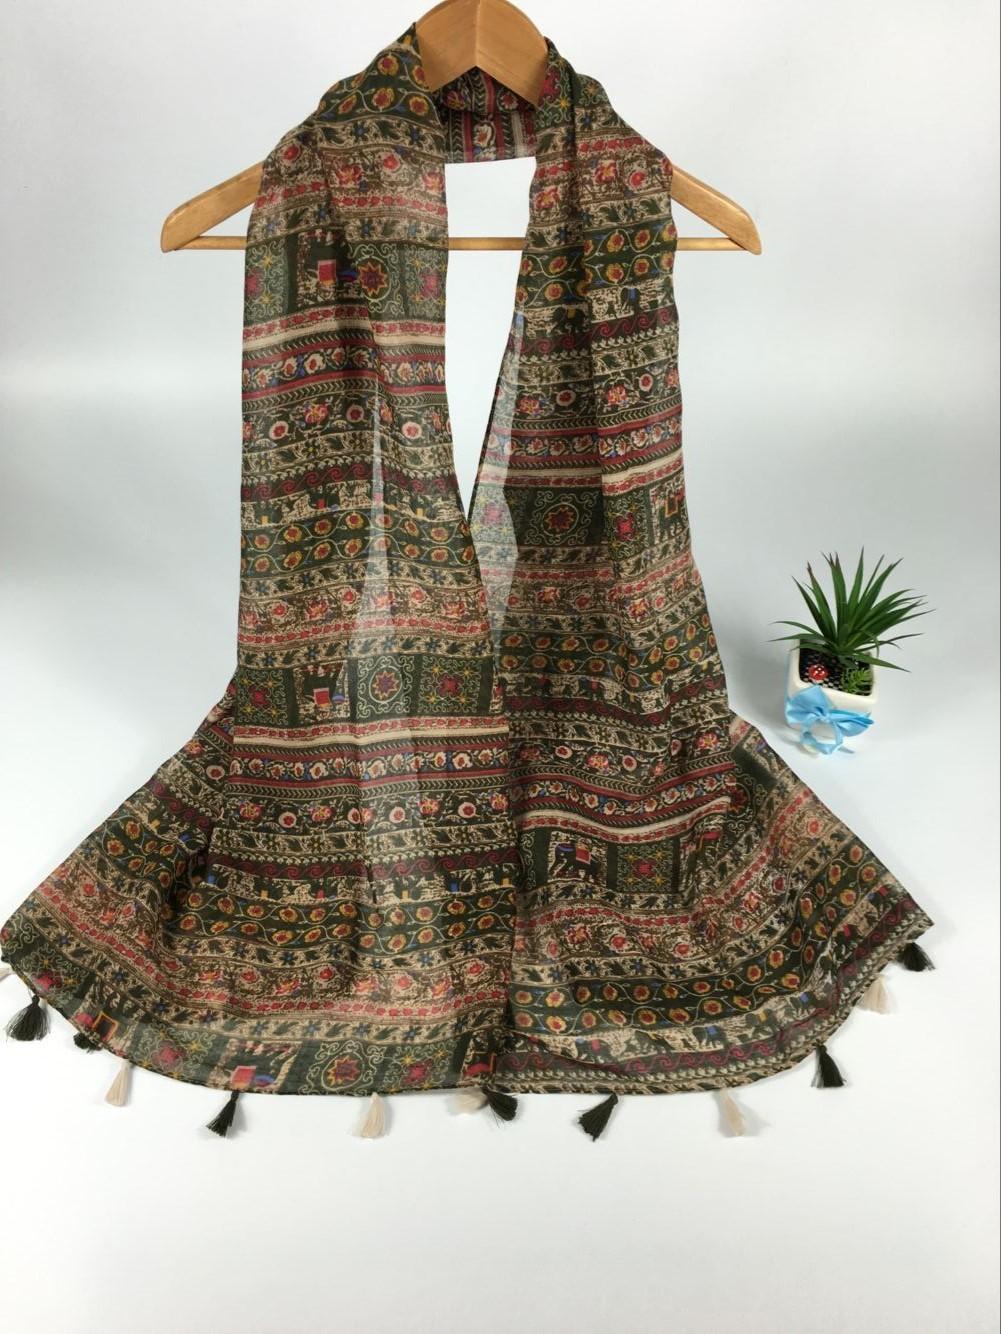 新款墨绿色大象巴厘纱围巾